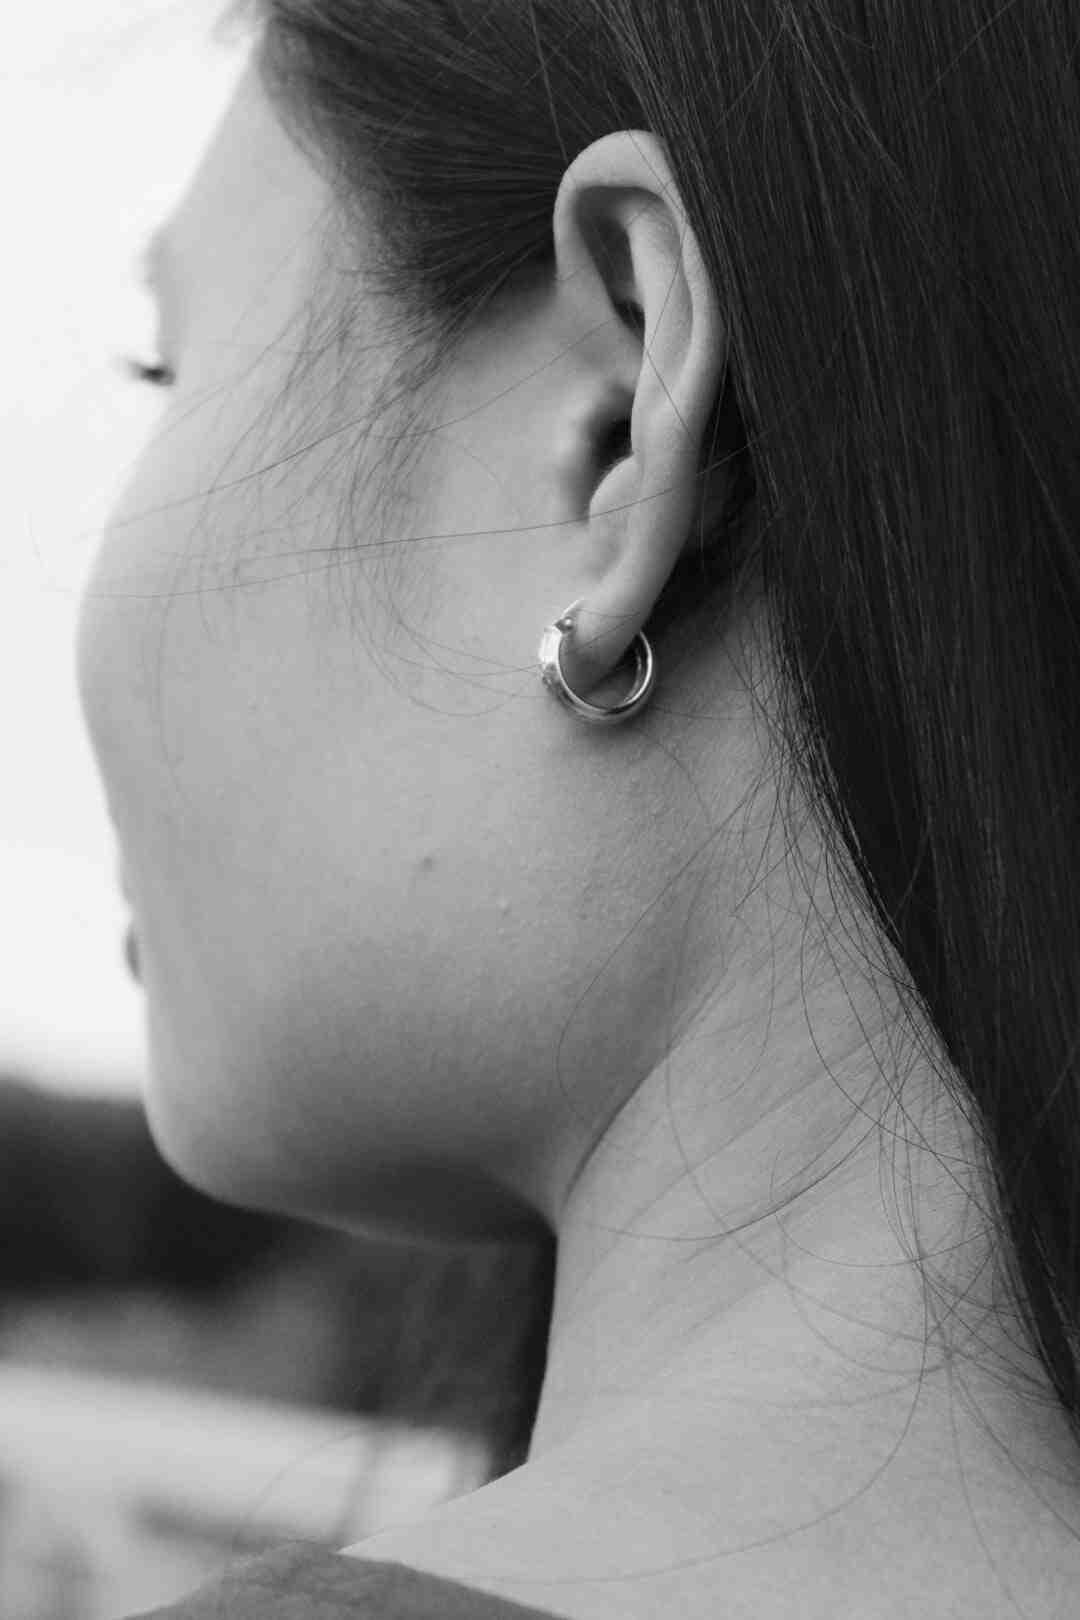 Comment faire des ears ?